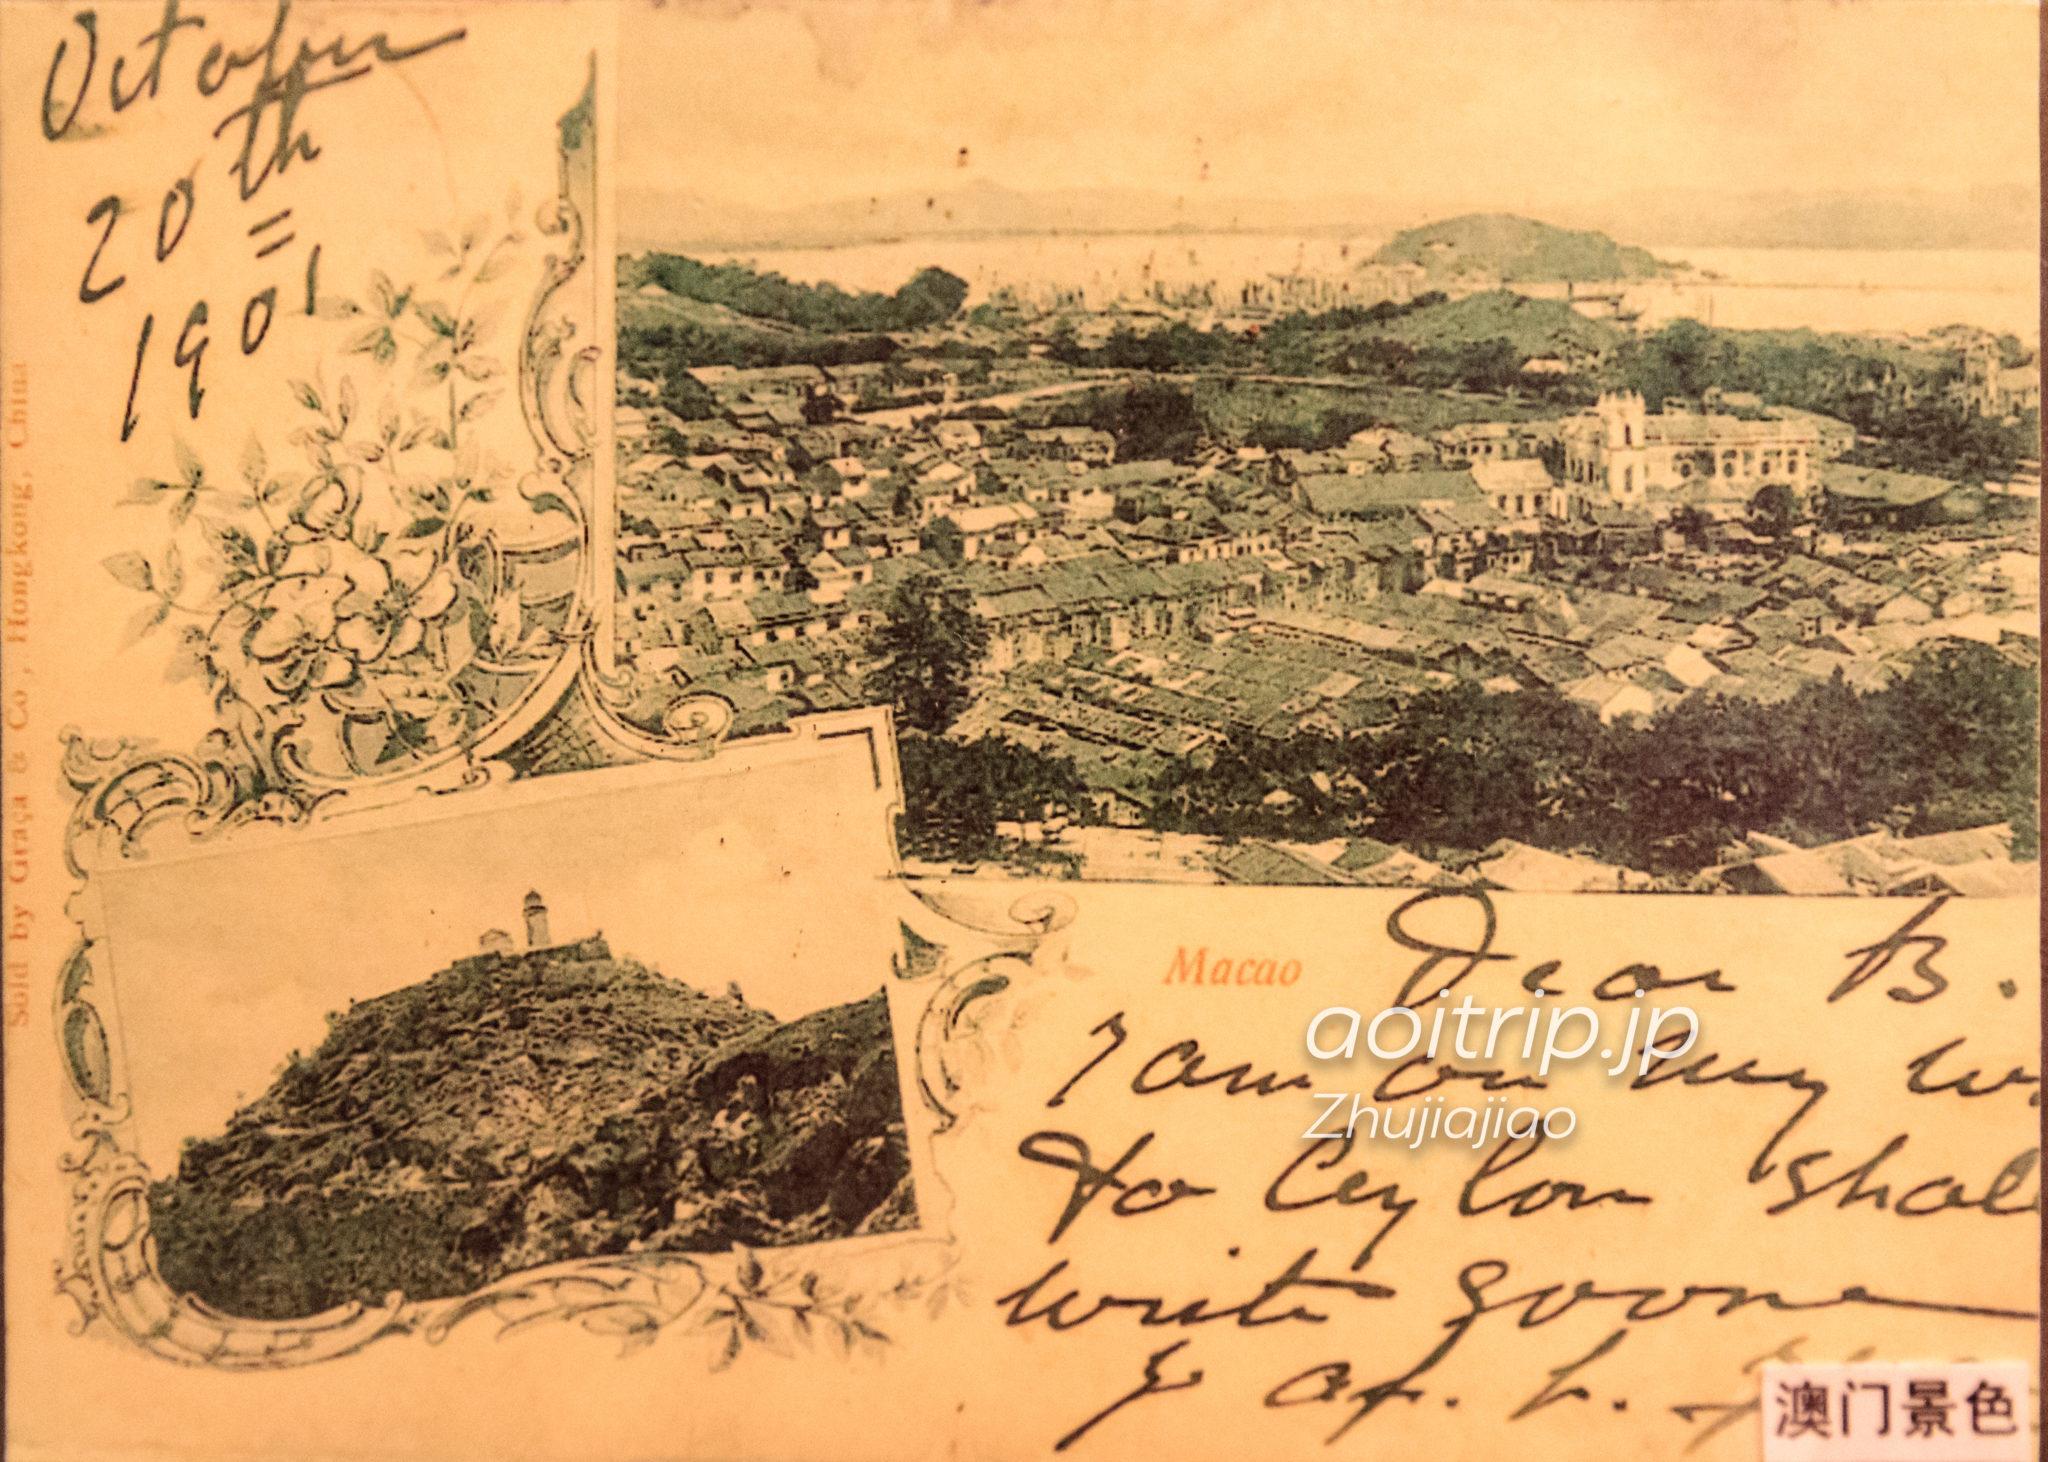 1901年10月20日撮影のマカオ